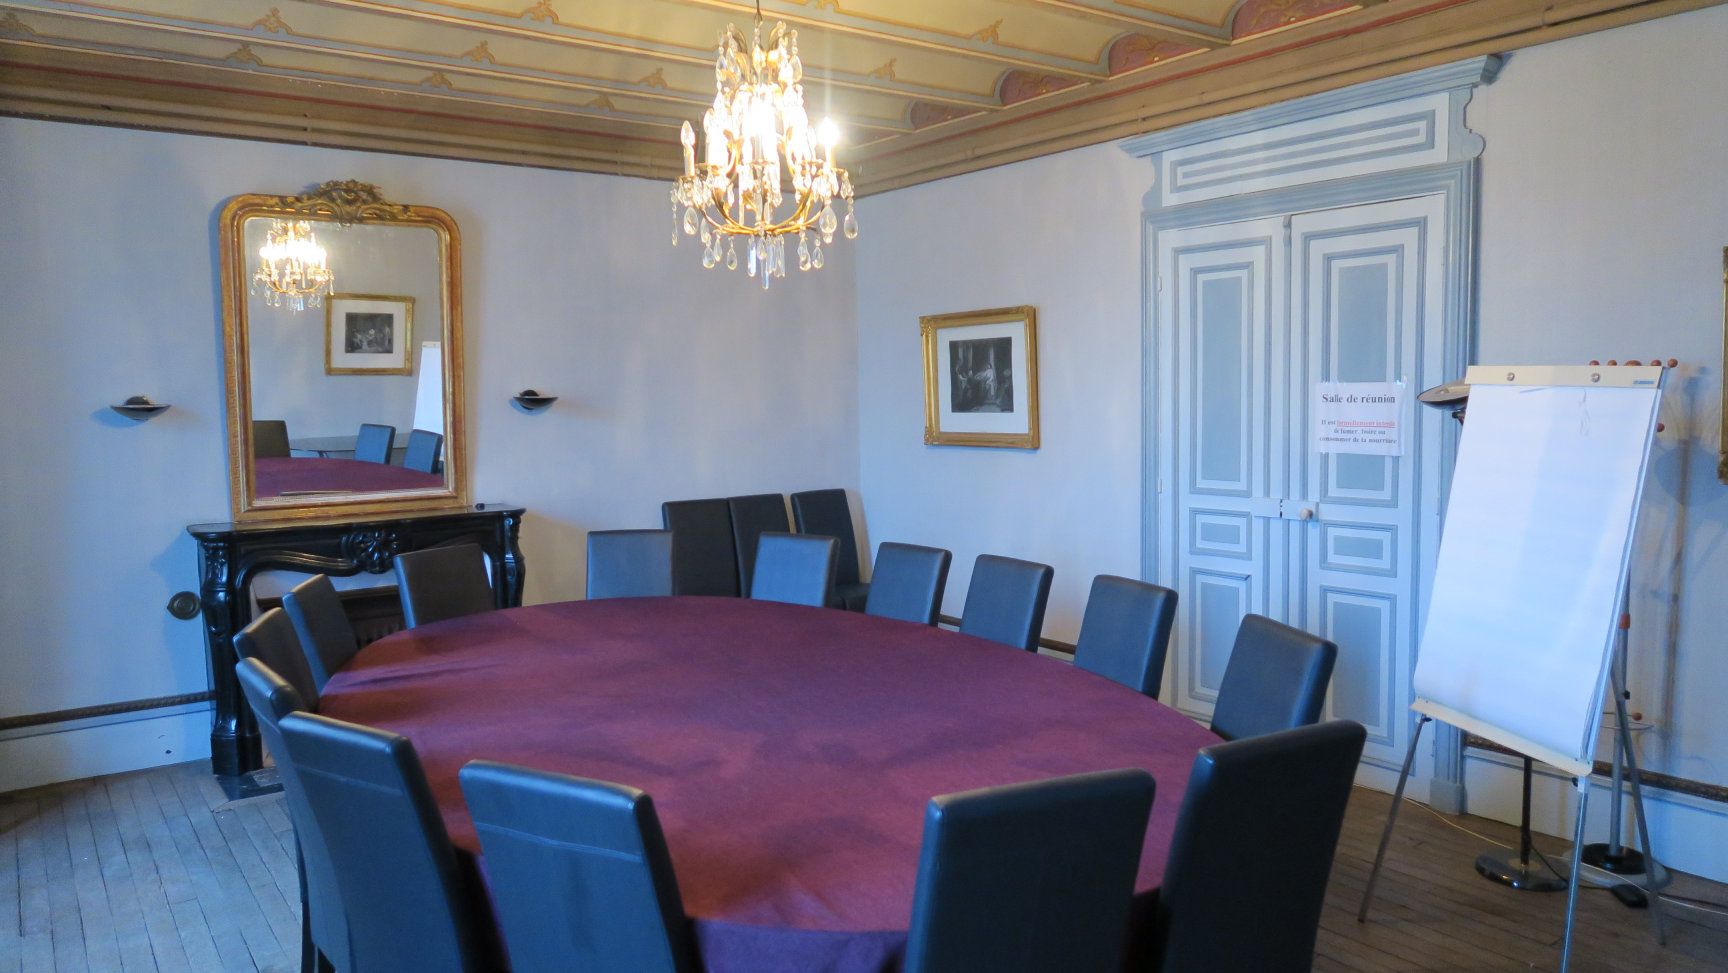 Maison Courty - Salle du développement